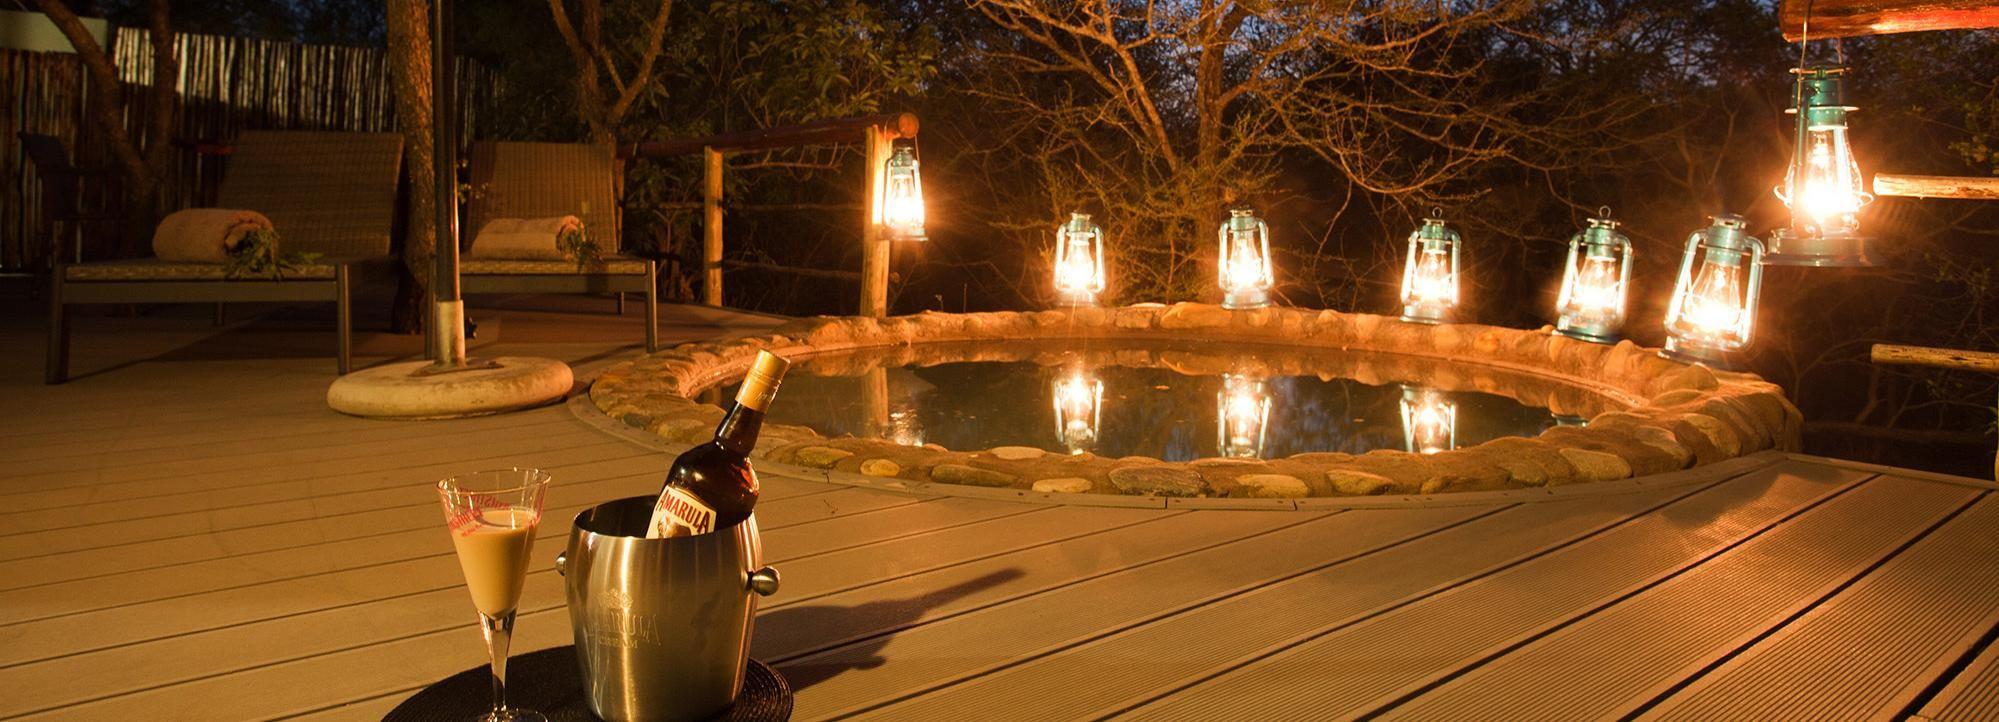 Ab Johannesburg: 6-tägige Luxussafari im Kruger-Nationalpark